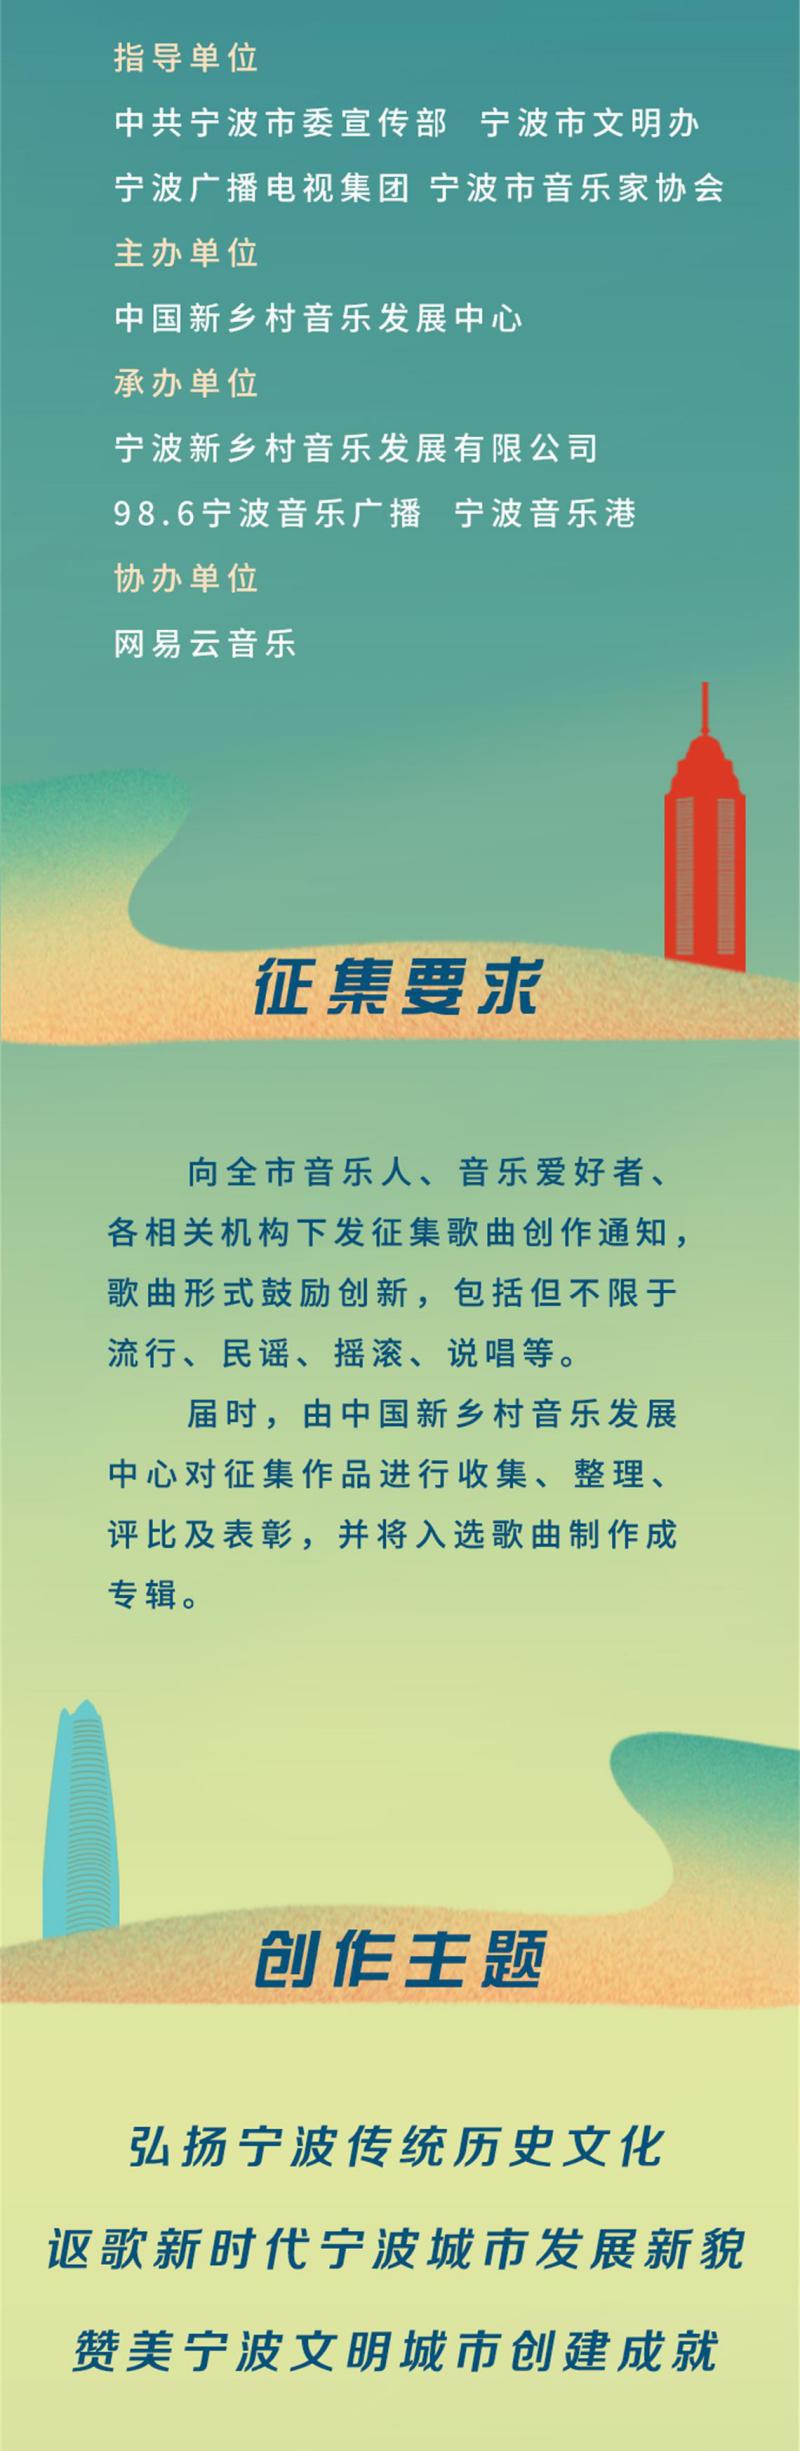 中111111111.png